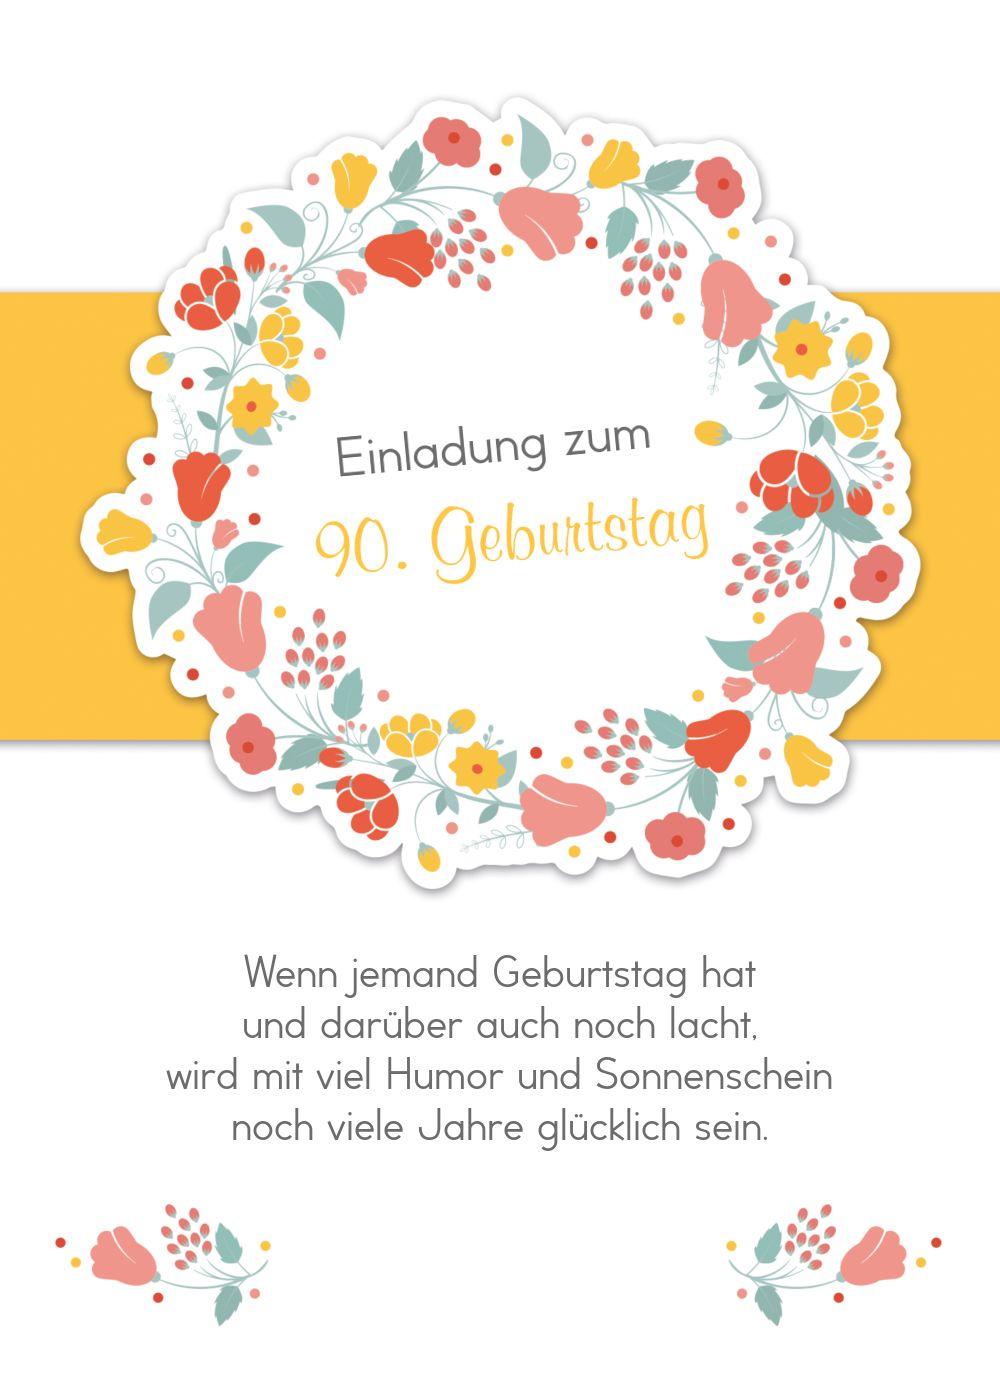 Ansicht 2 - Geburtstagseinladung Blumenkranz 90